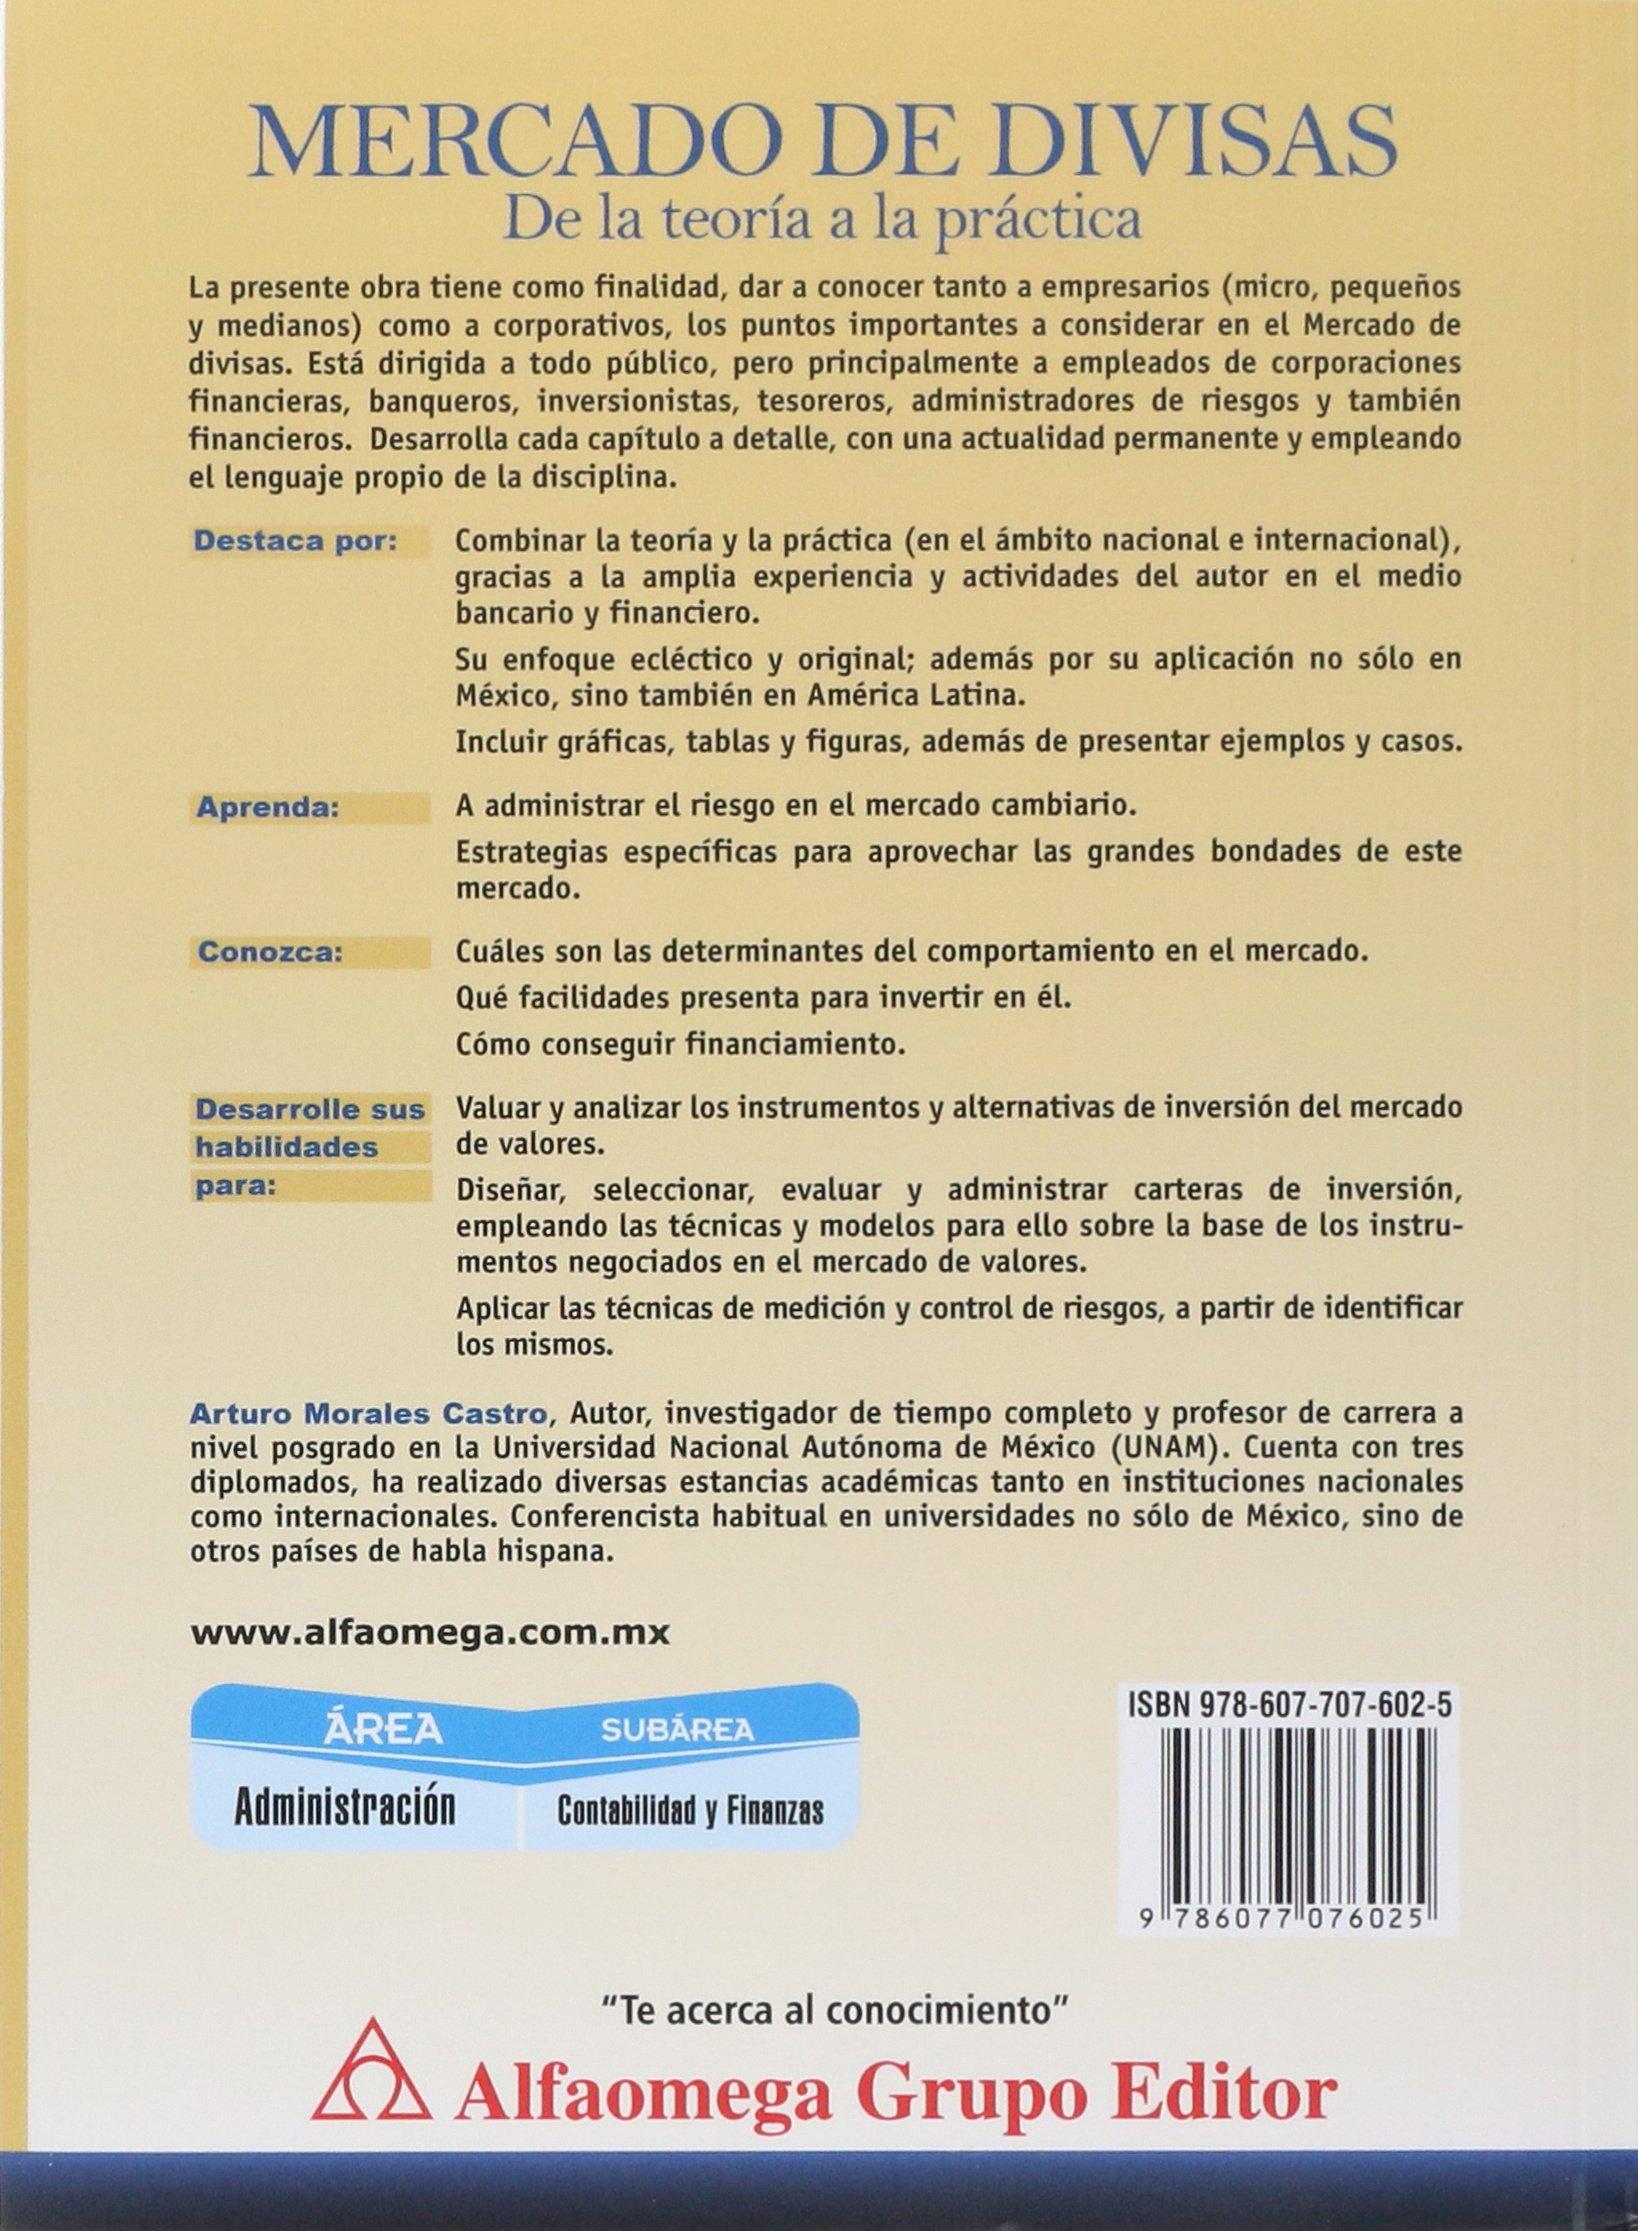 Mercado de divisas - de la teoría a la práctica (Spanish Edition): MORALES, Arturo, Alfaomega: 9786077076025: Amazon.com: Books